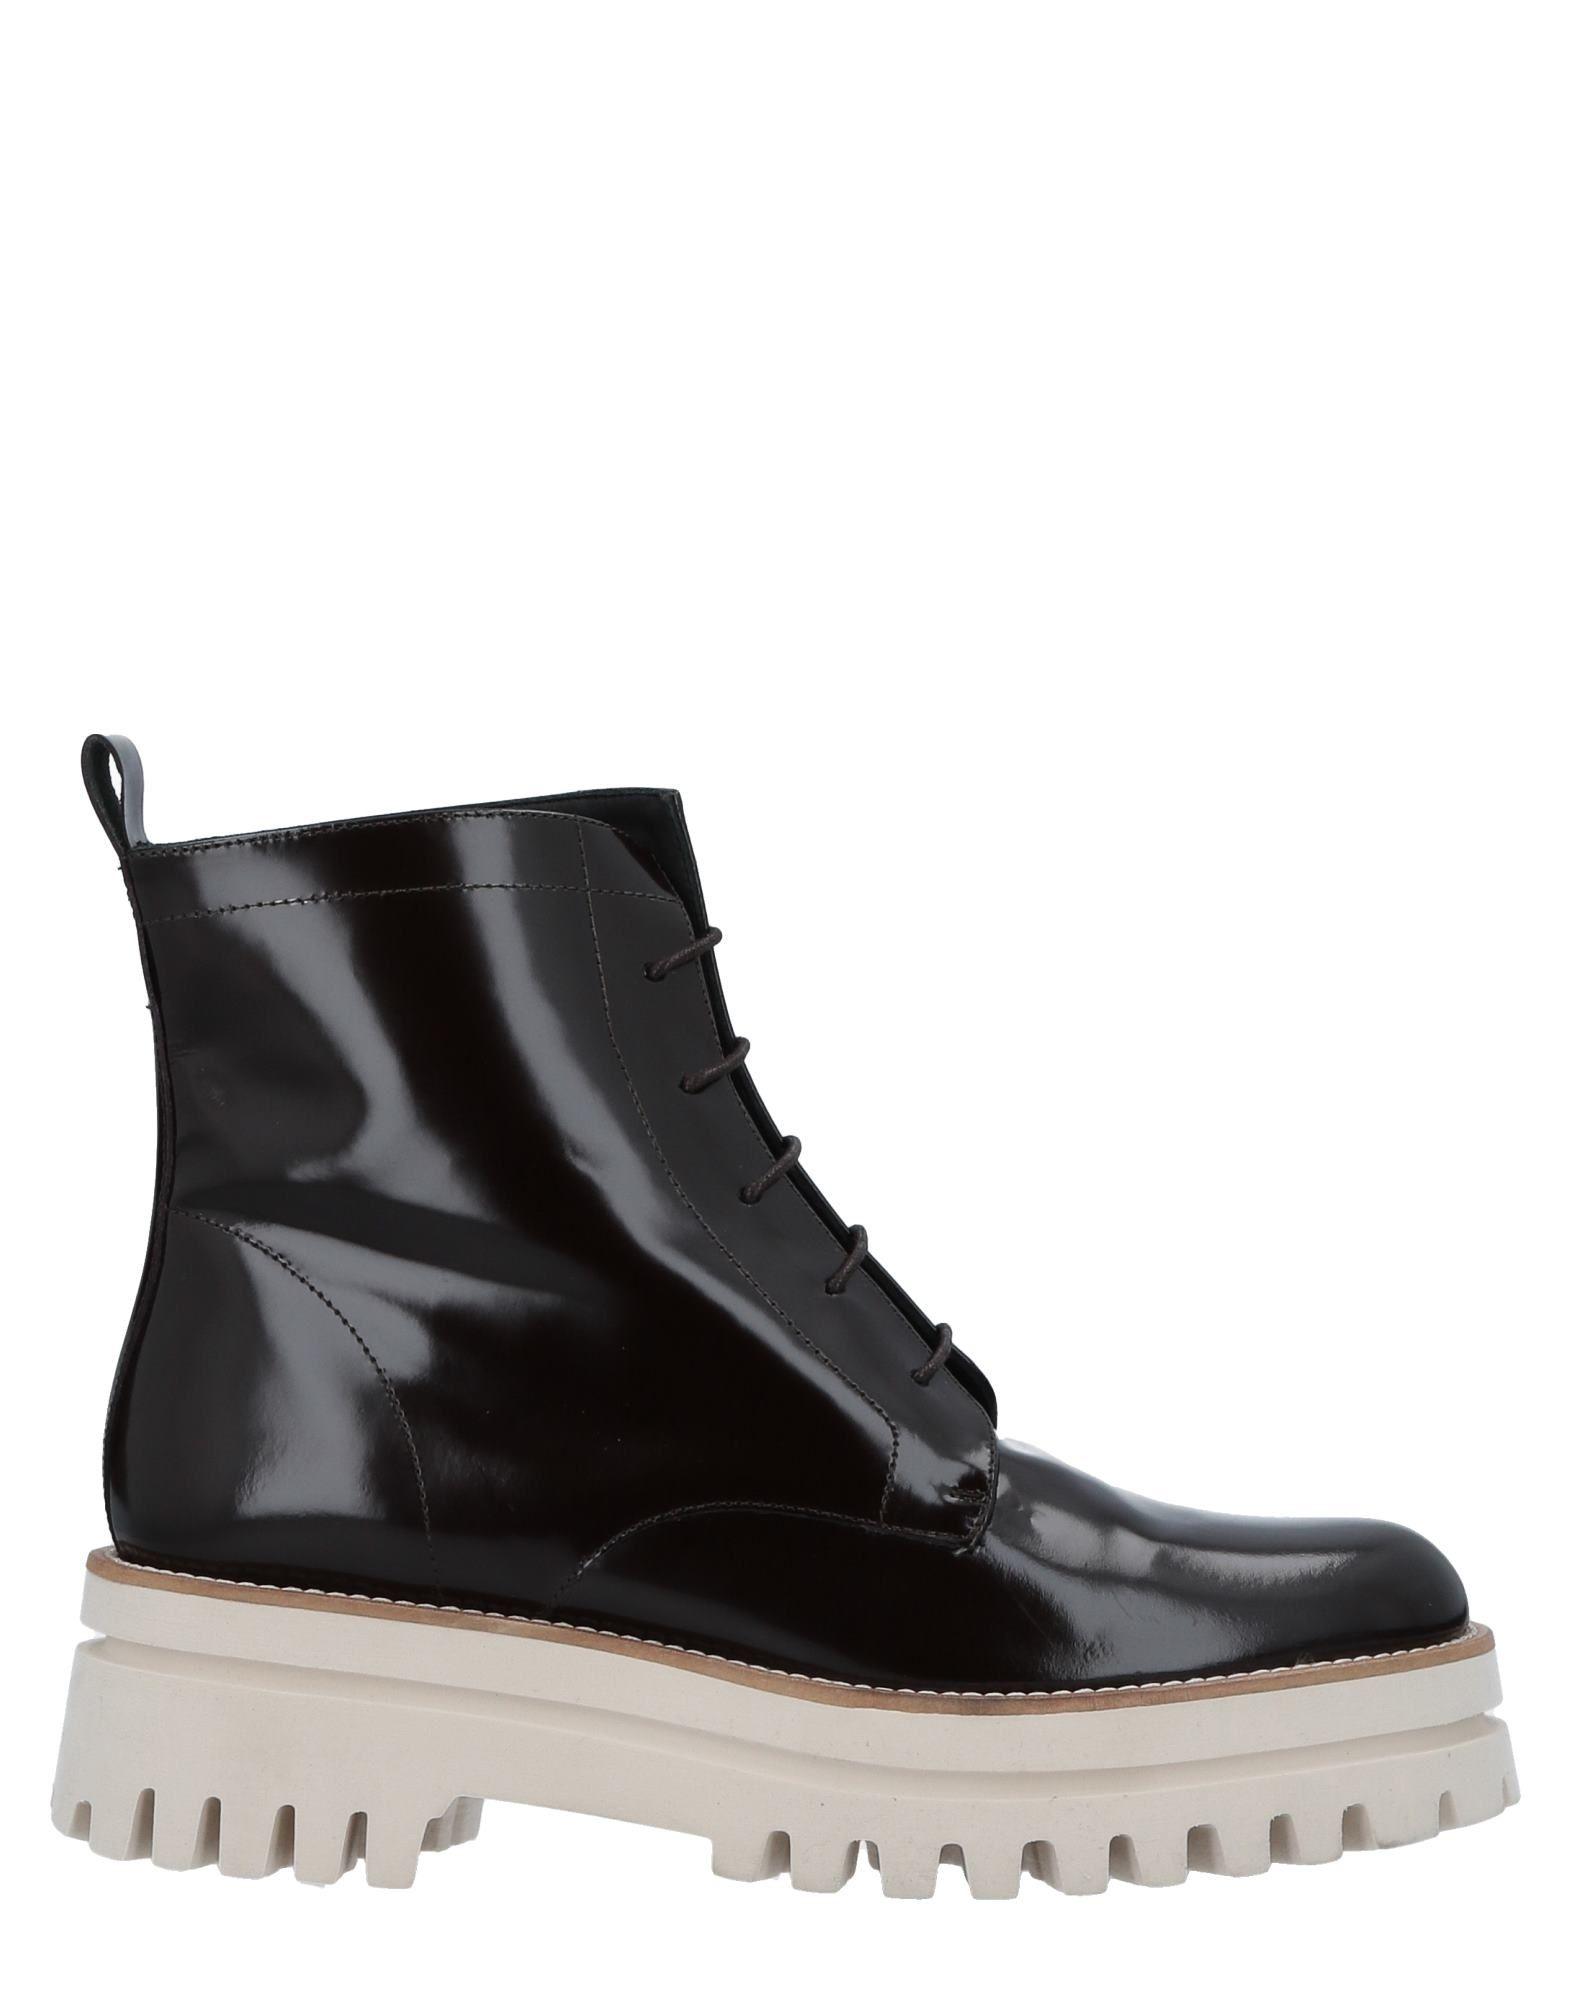 Sneakers Serafini Uomo - 11506170DC Scarpe economiche e buone